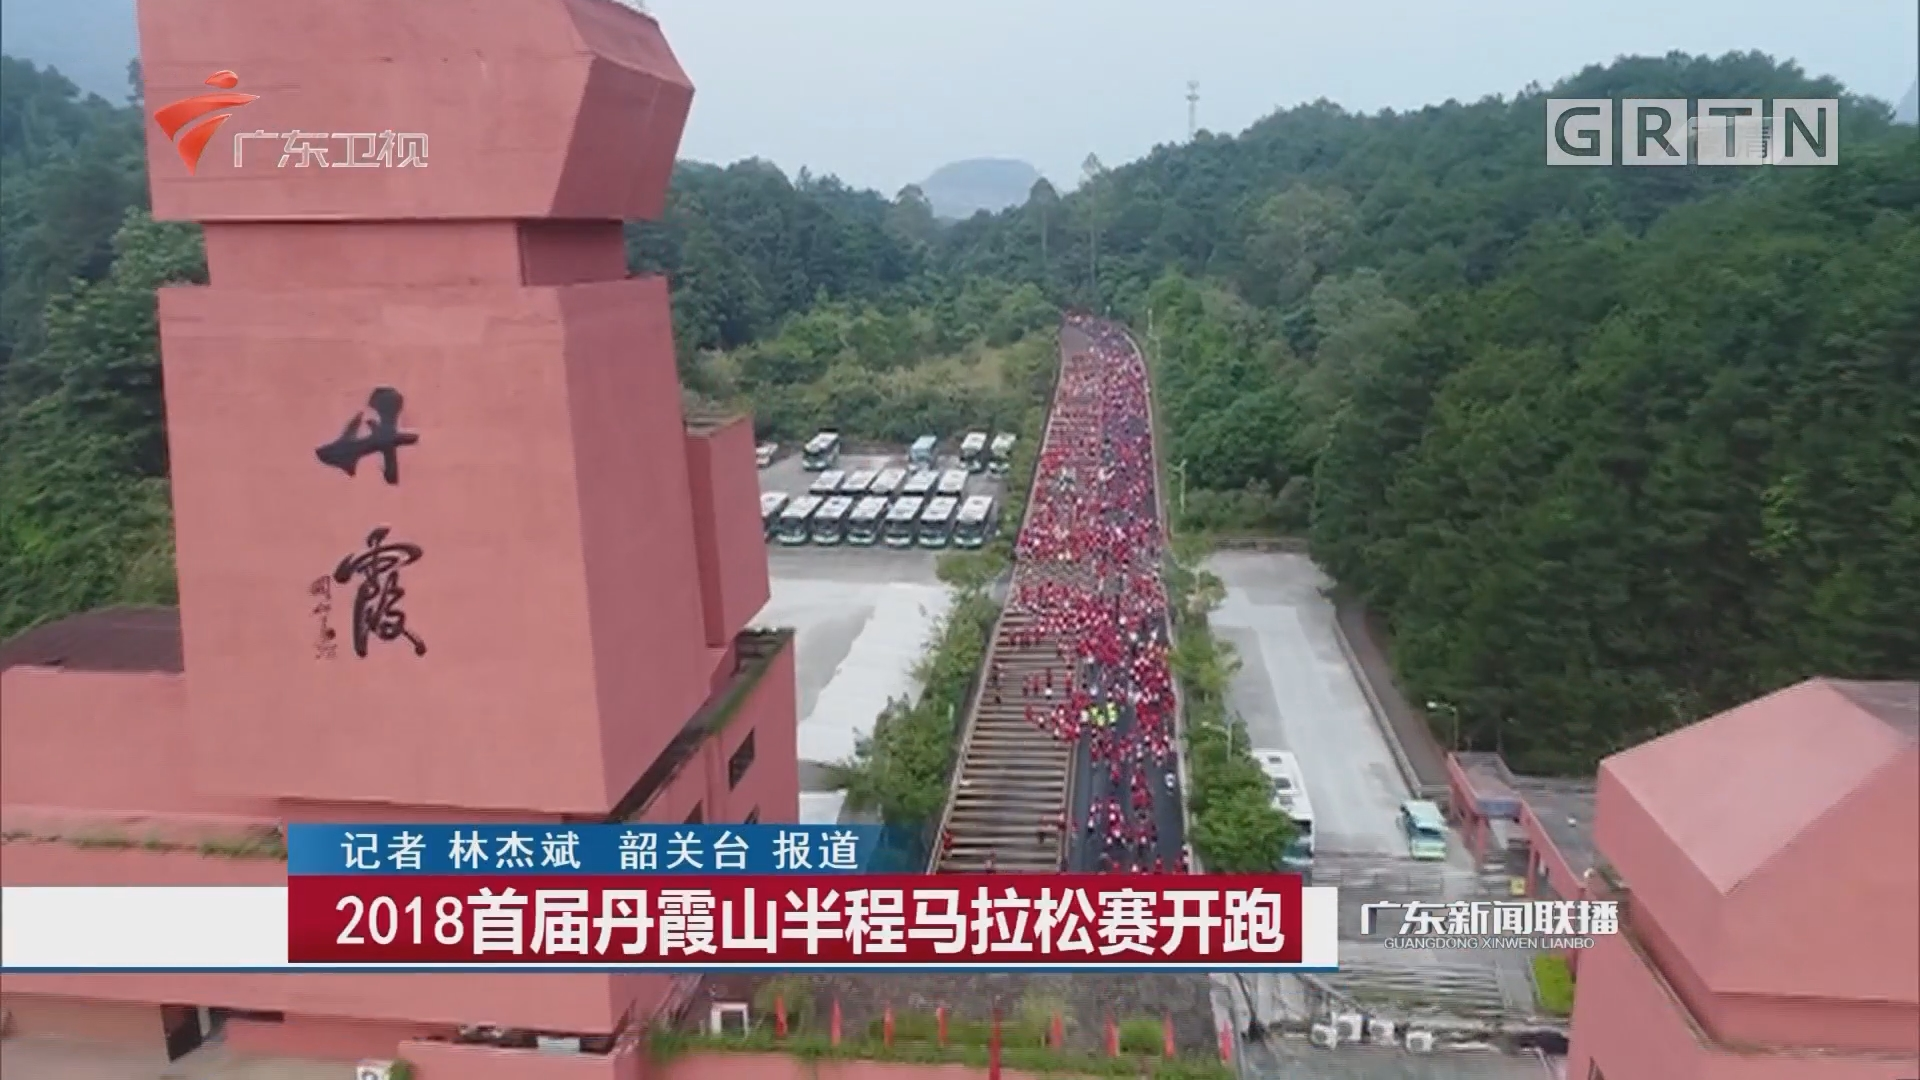 2018首届丹霞山半程马拉松赛开跑